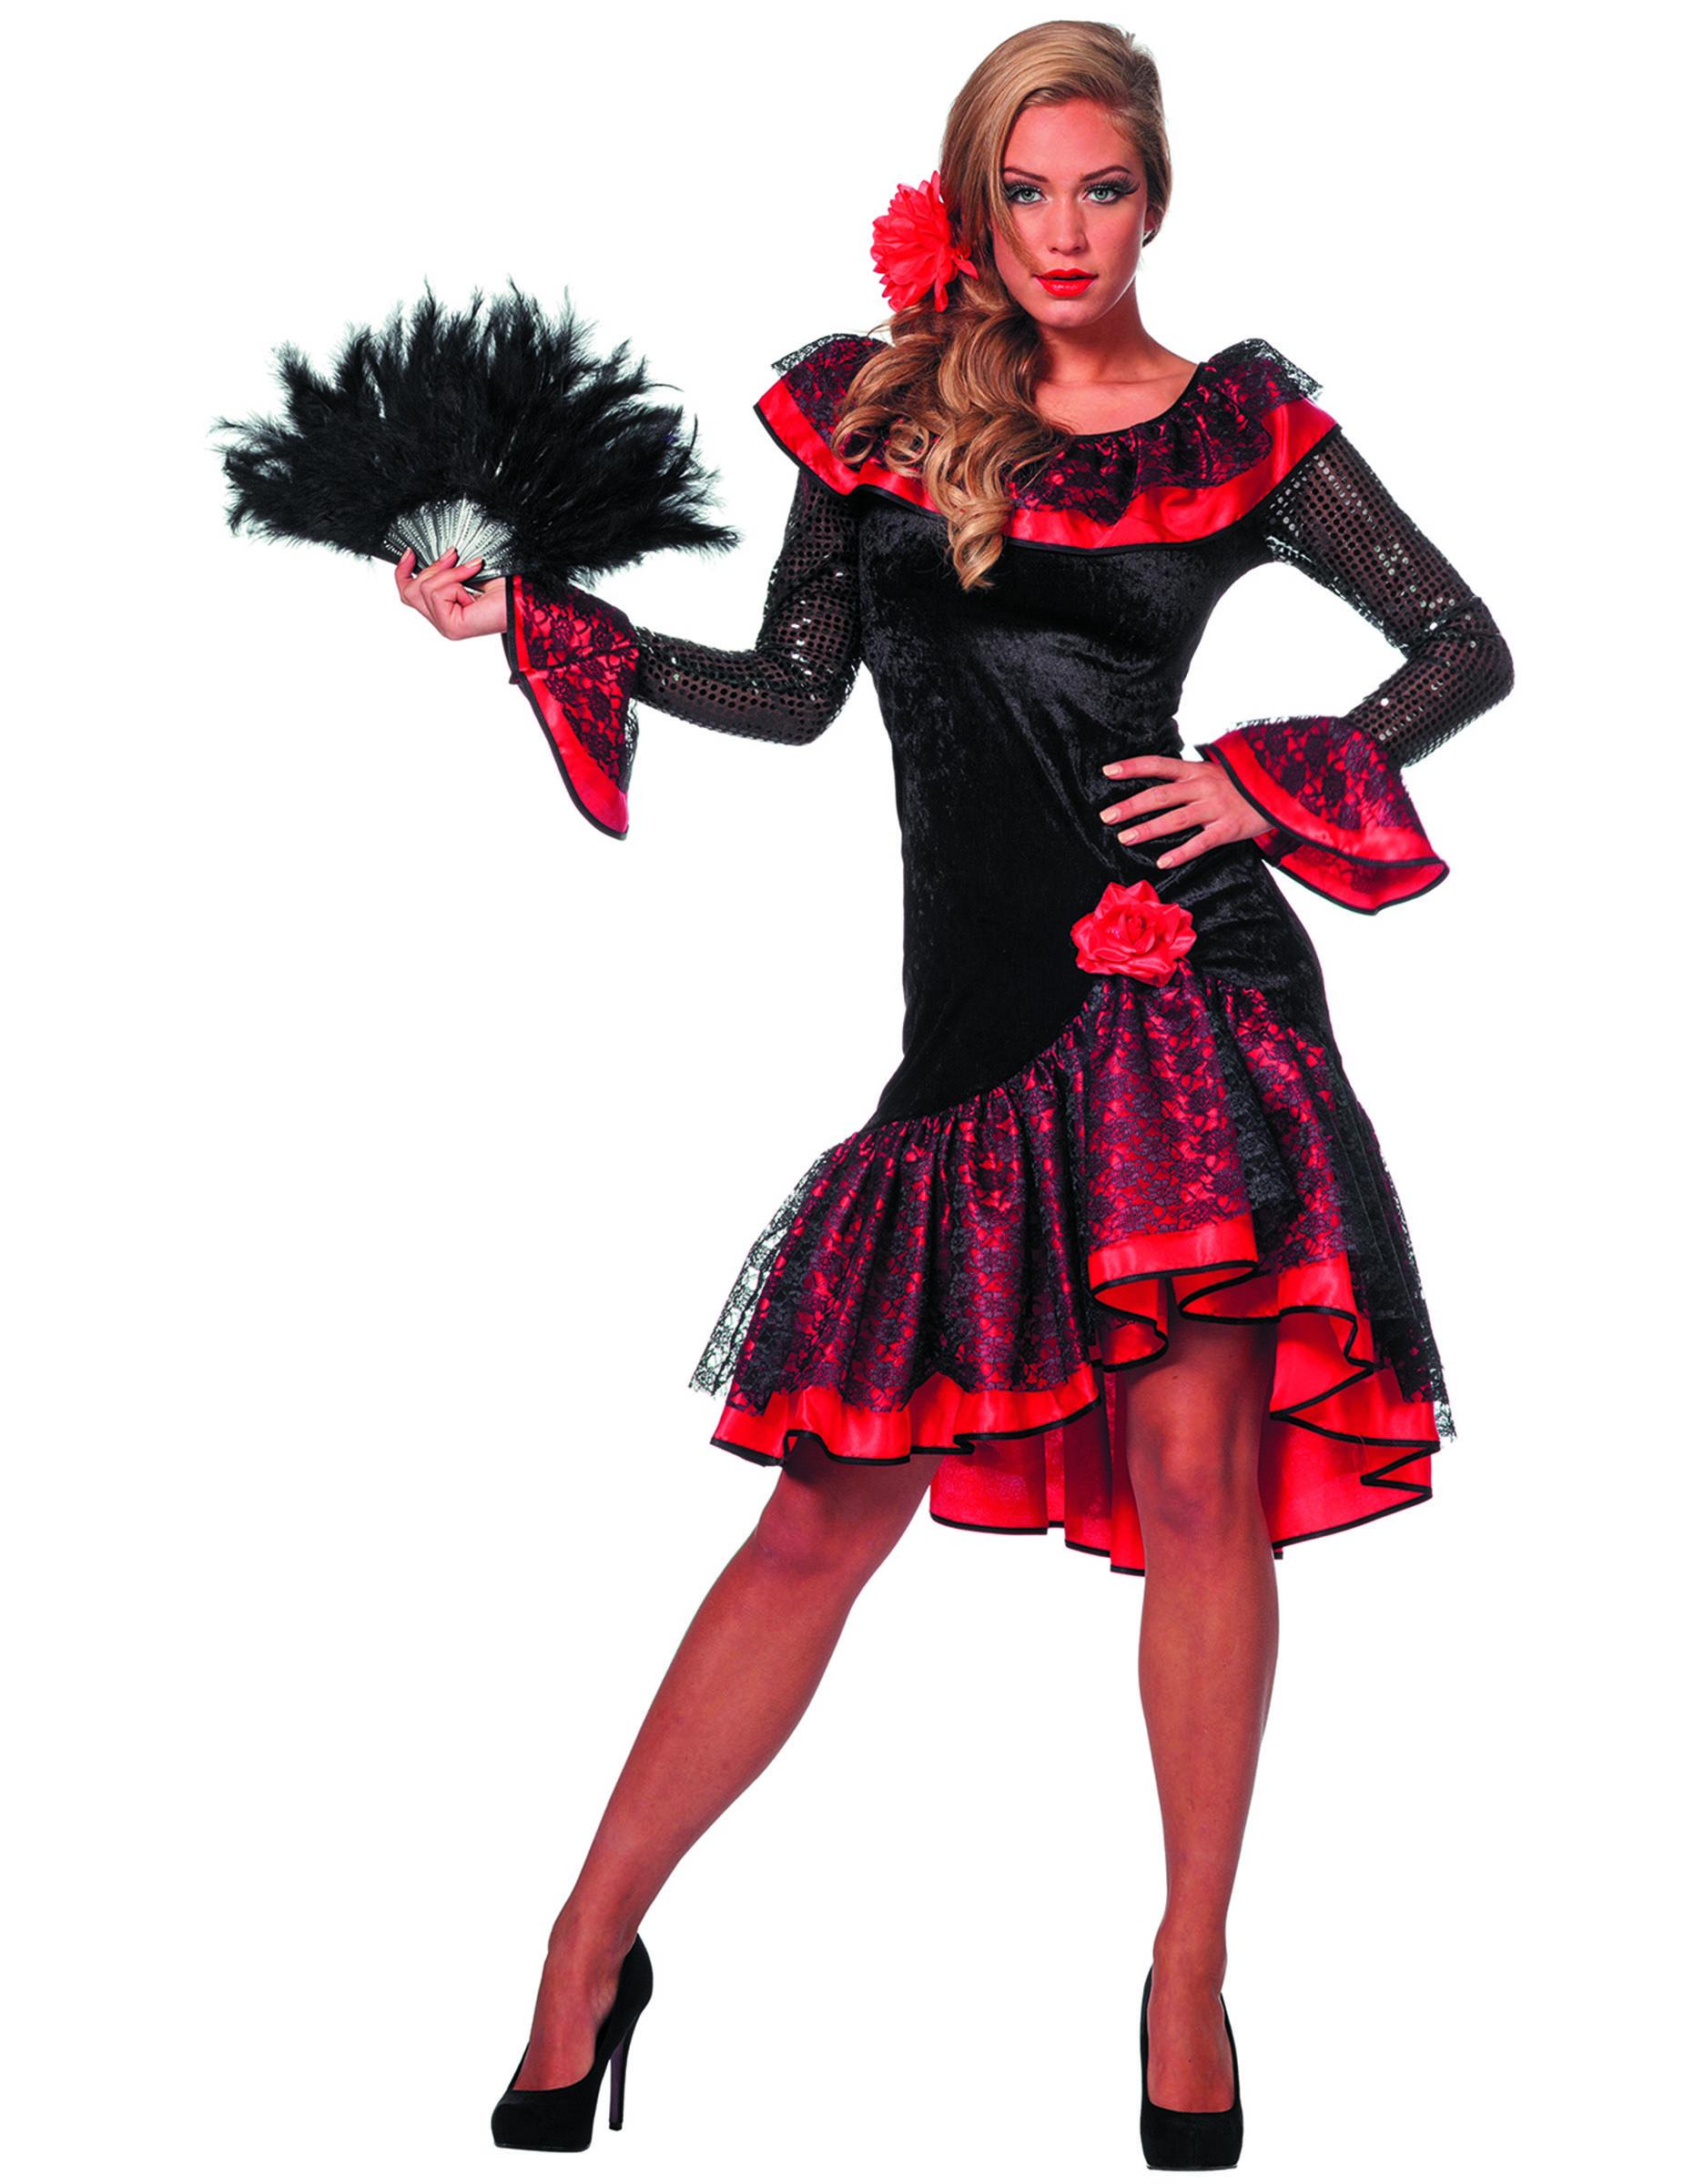 663f98a6097d3 Costume da ballerina spagnola nero e rosso per donna  Costumi adulti ...